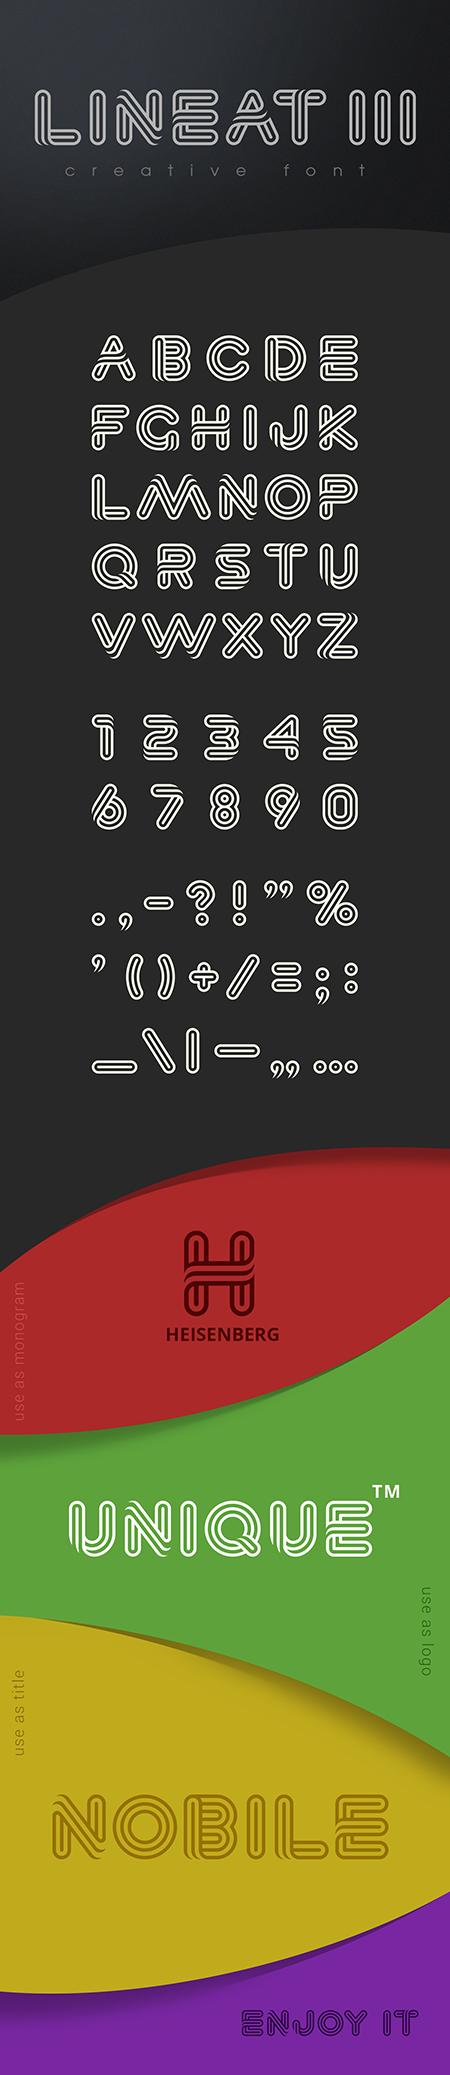 Lineat III font